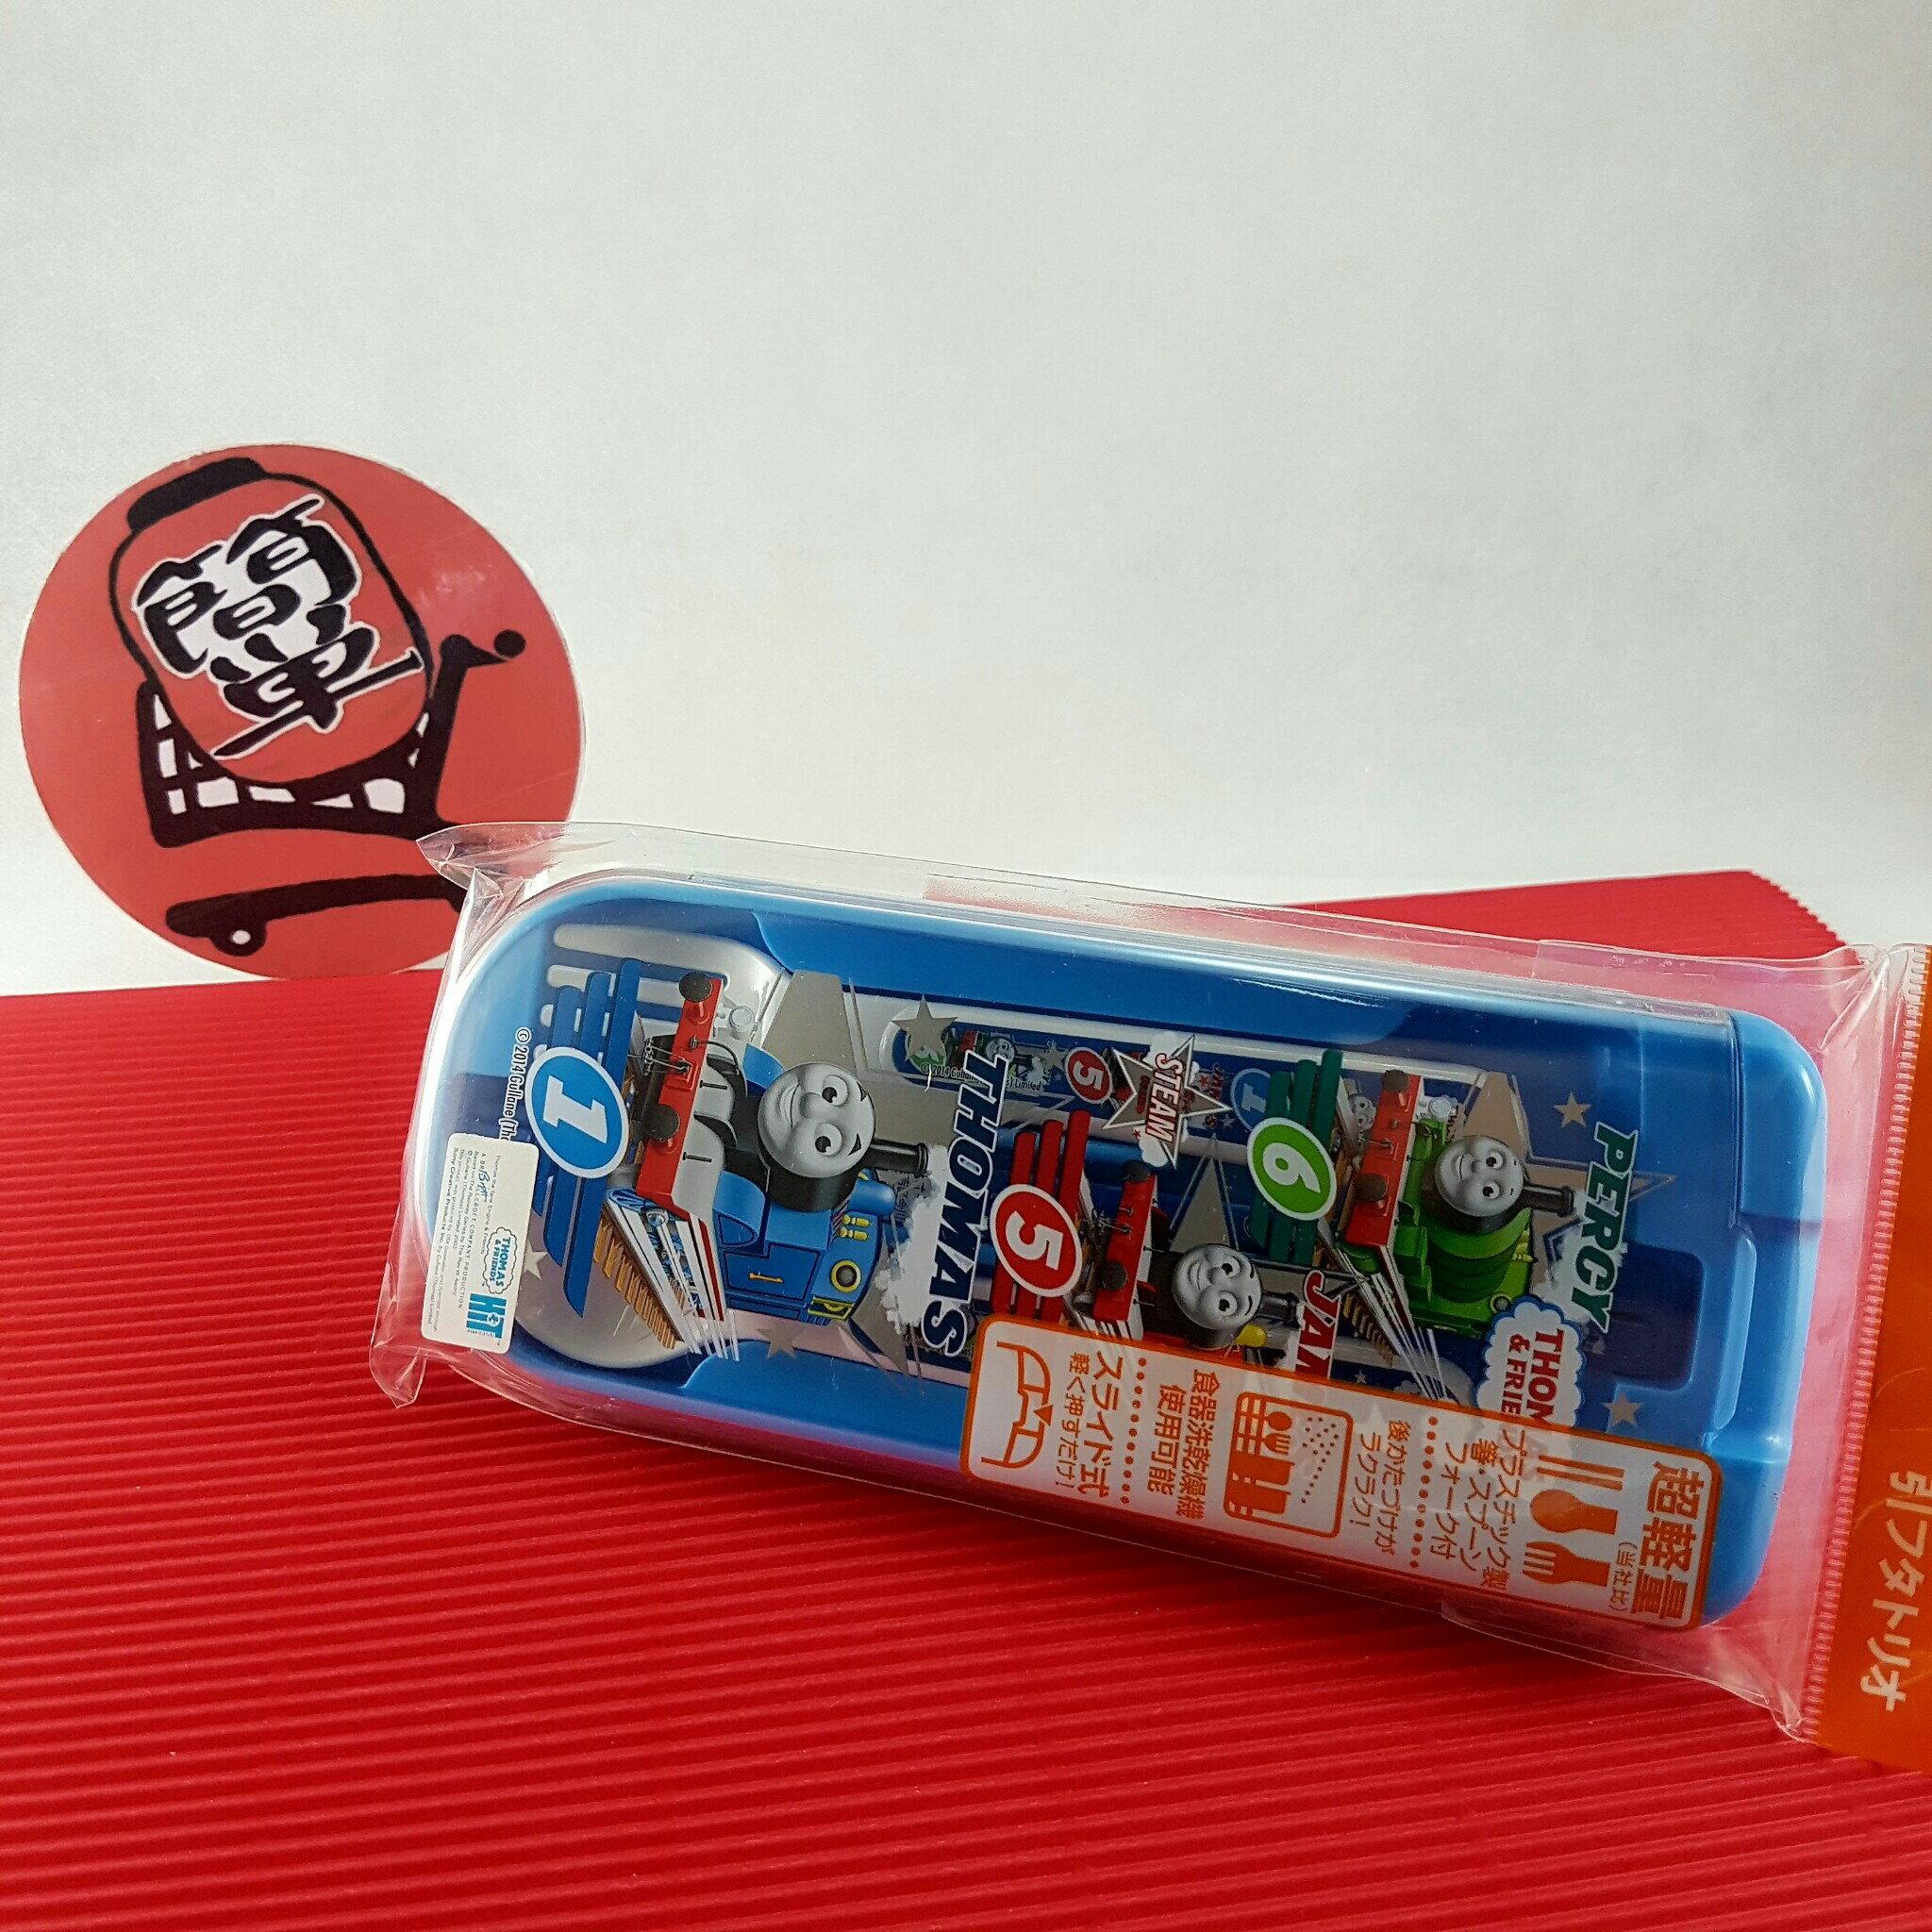 『簡?全球購』湯瑪士小火車 兒童超輕量餐具組 筷子湯匙叉子附收納盒 日本製